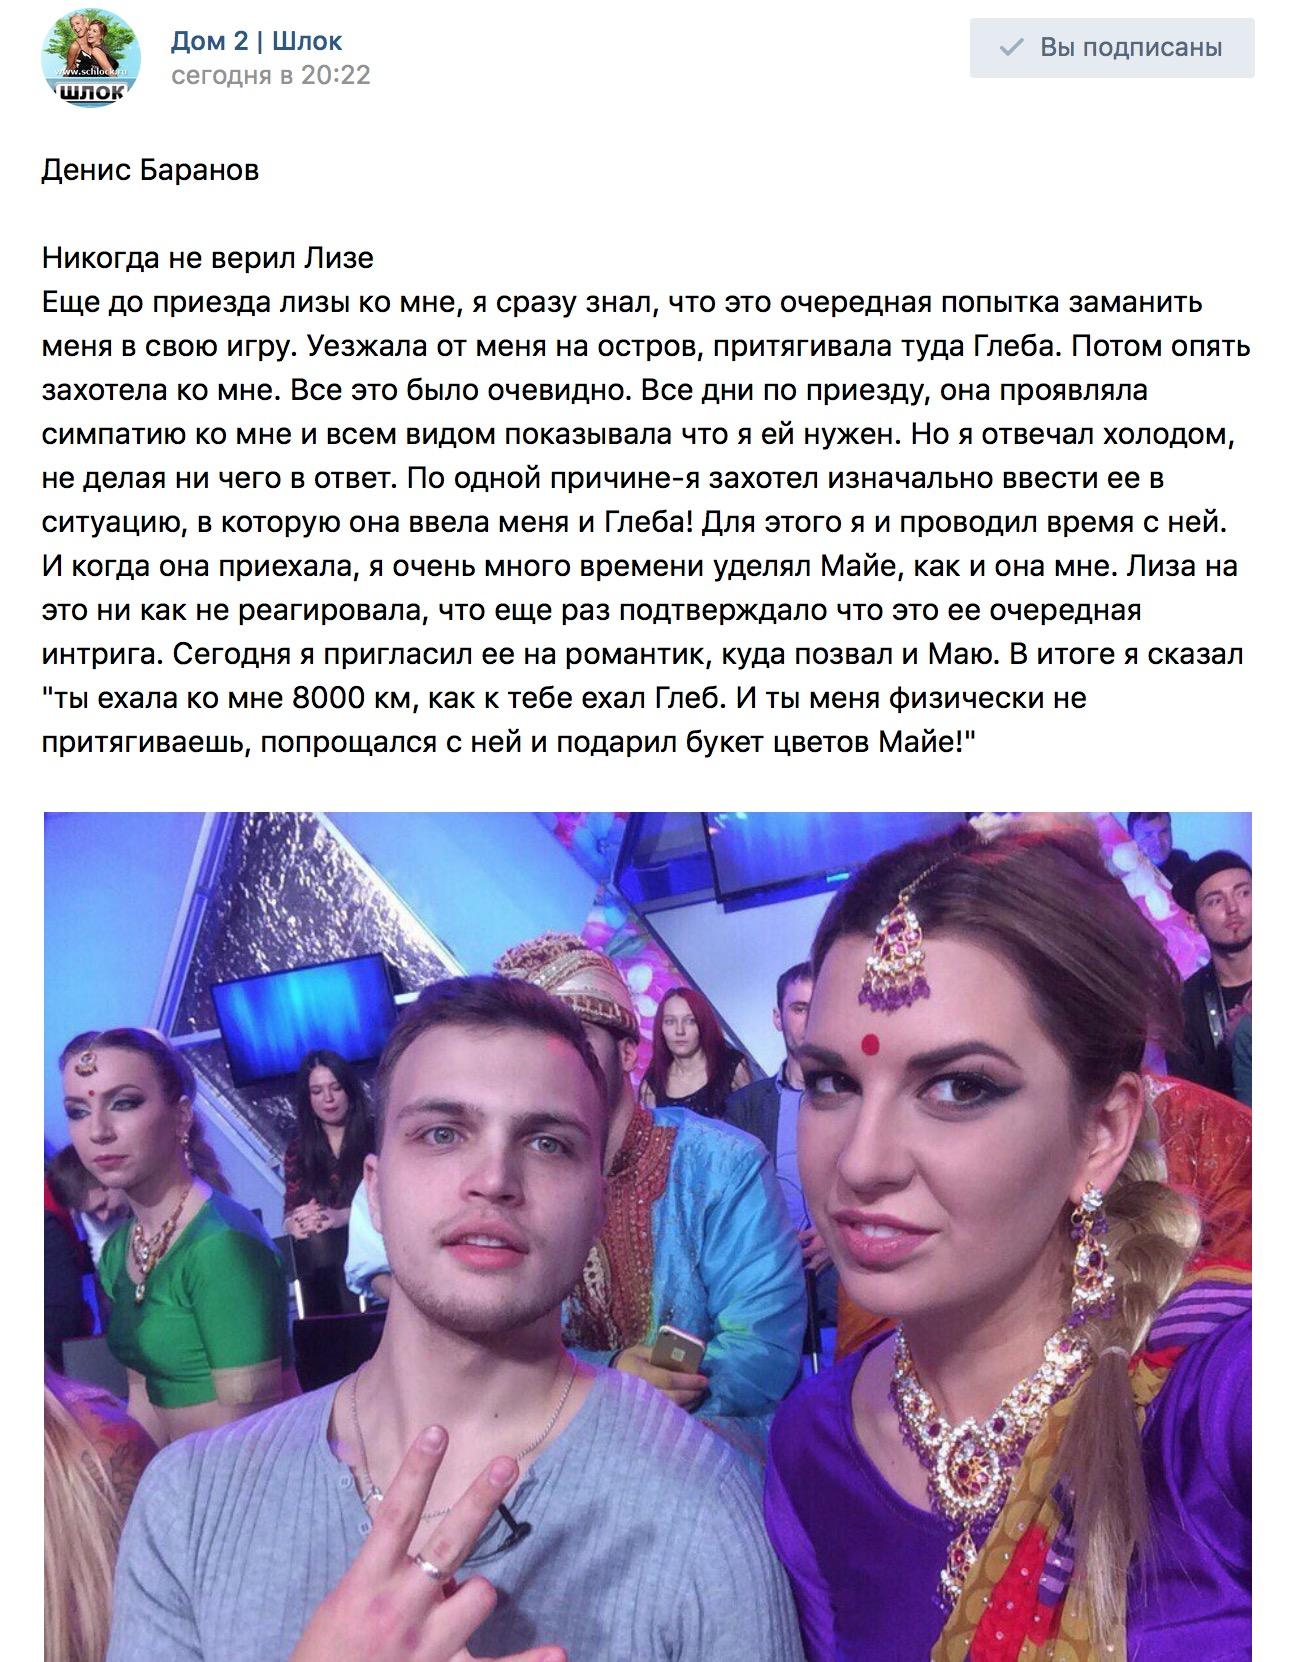 Денис Баранов никогда не верил Лизе